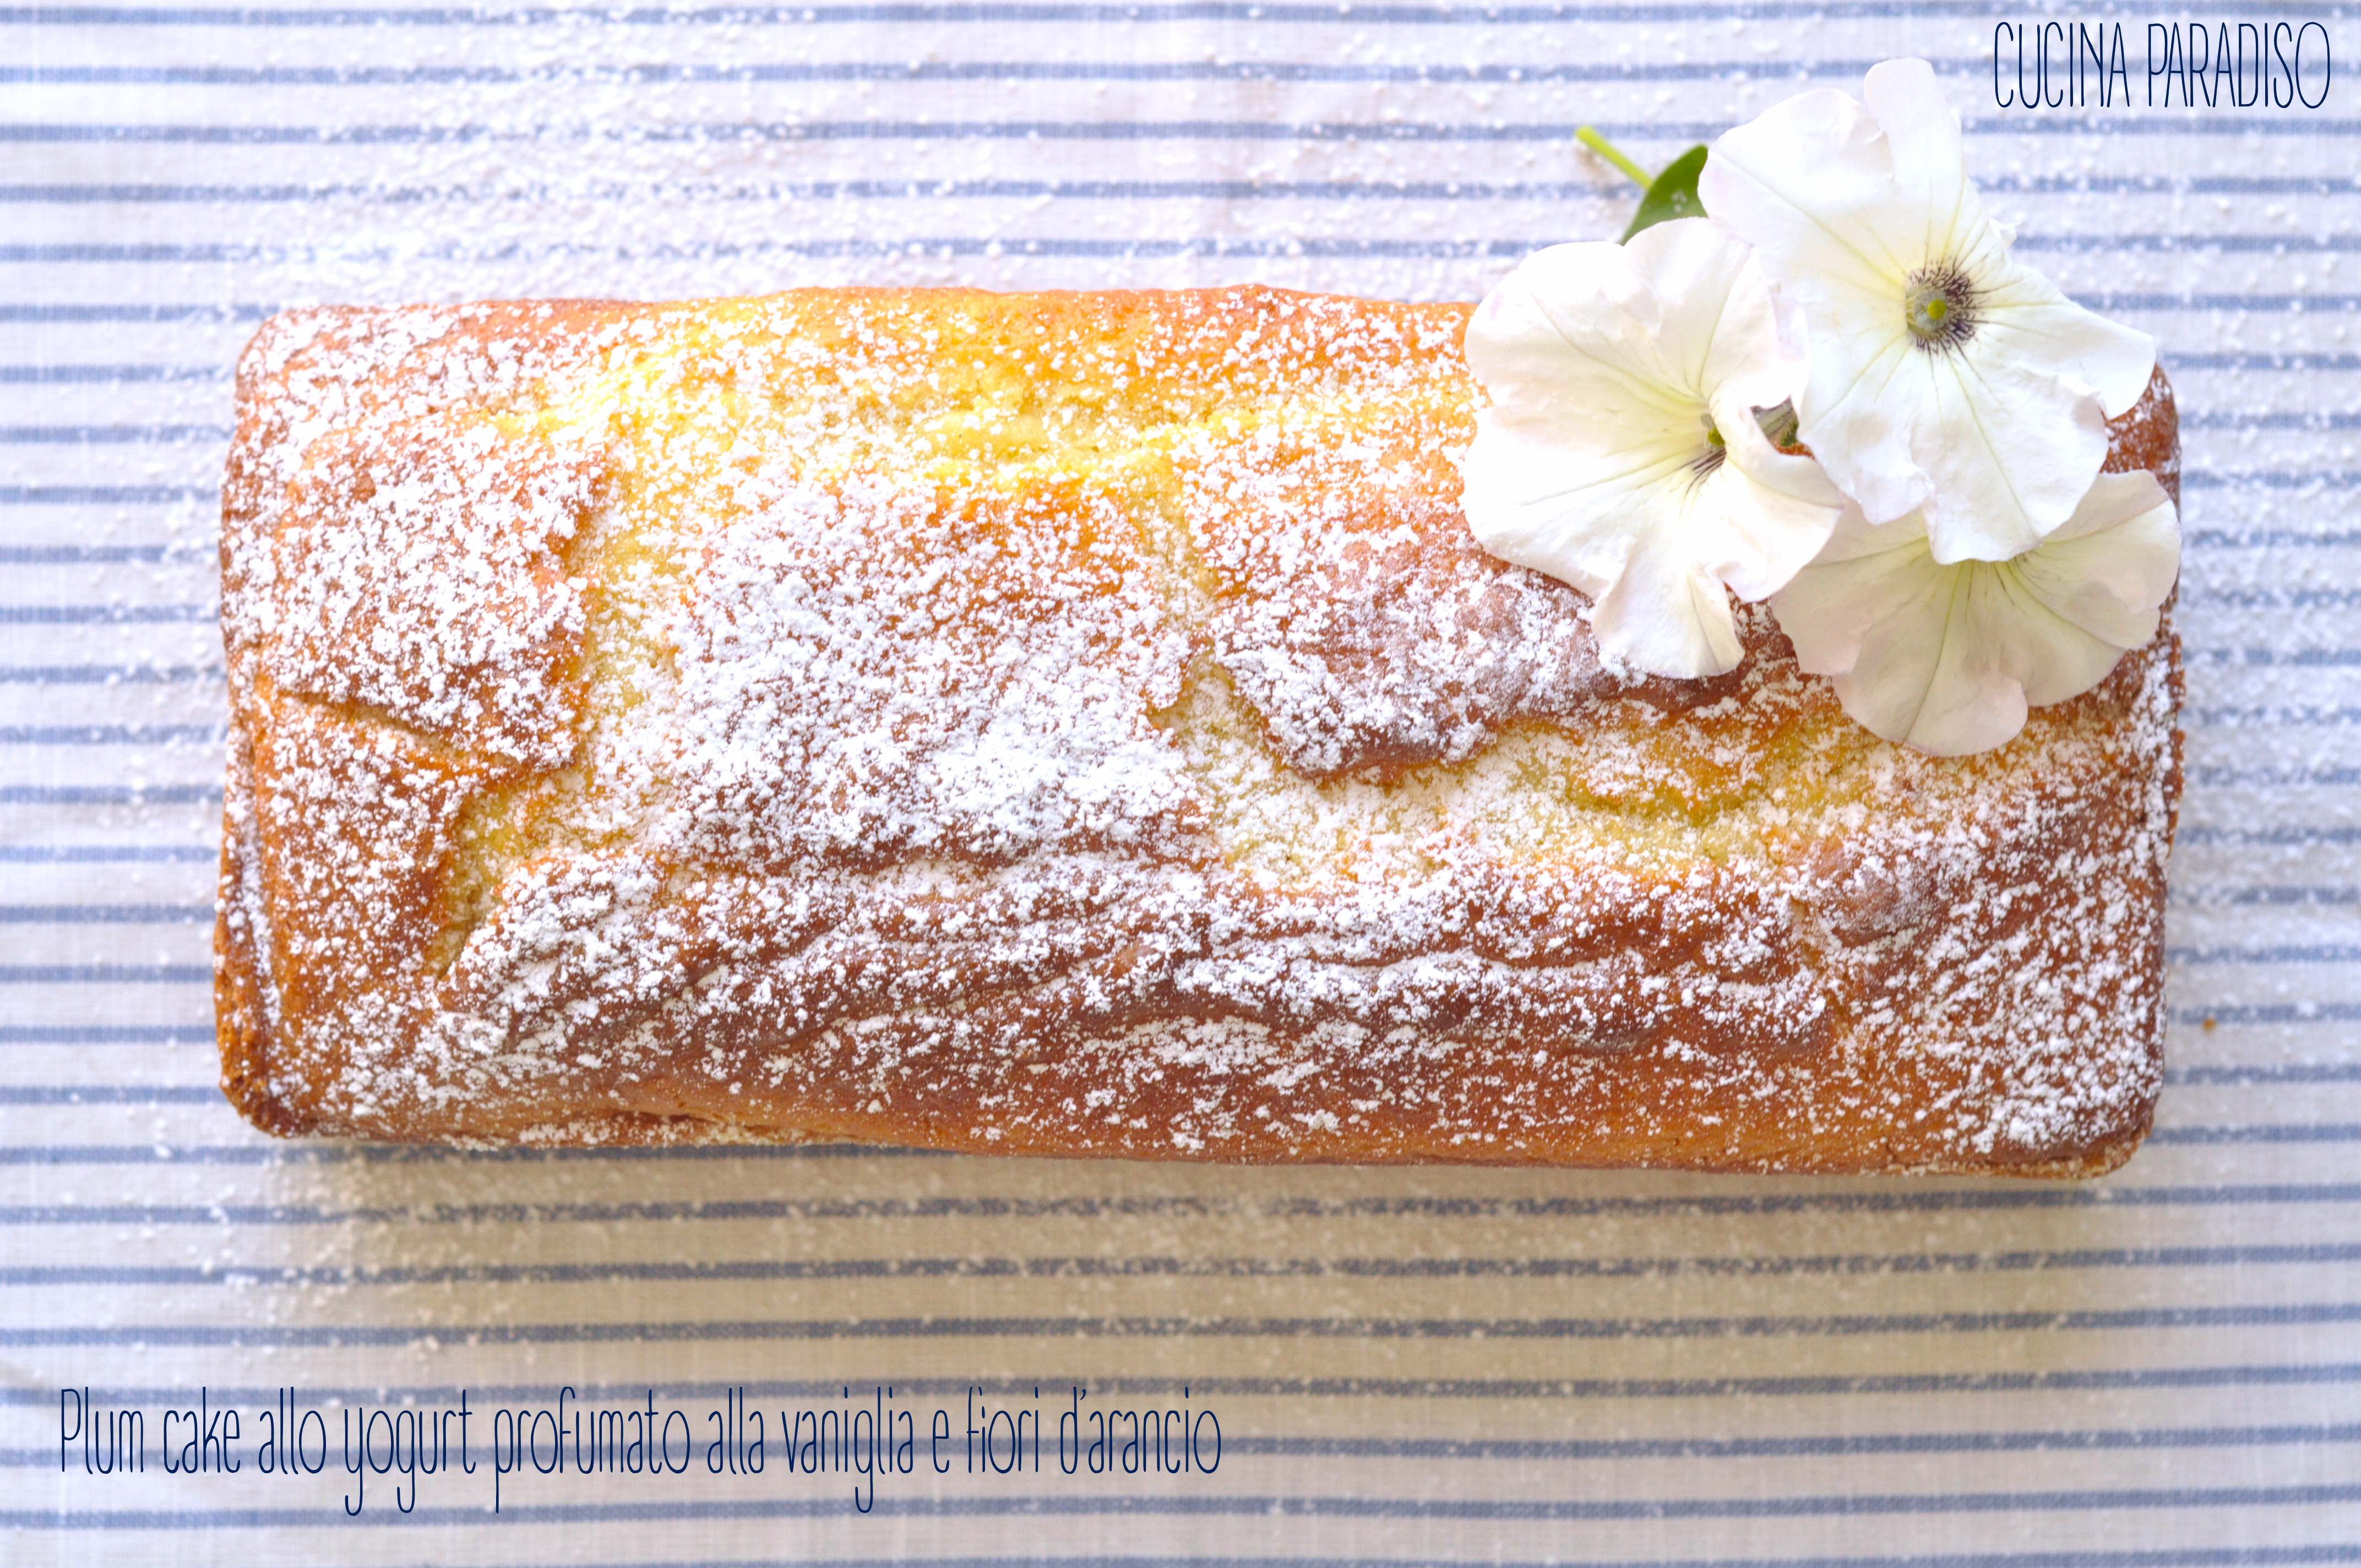 Plum cake allo yogurt profumato alla vaniglia e fiori d'arancio